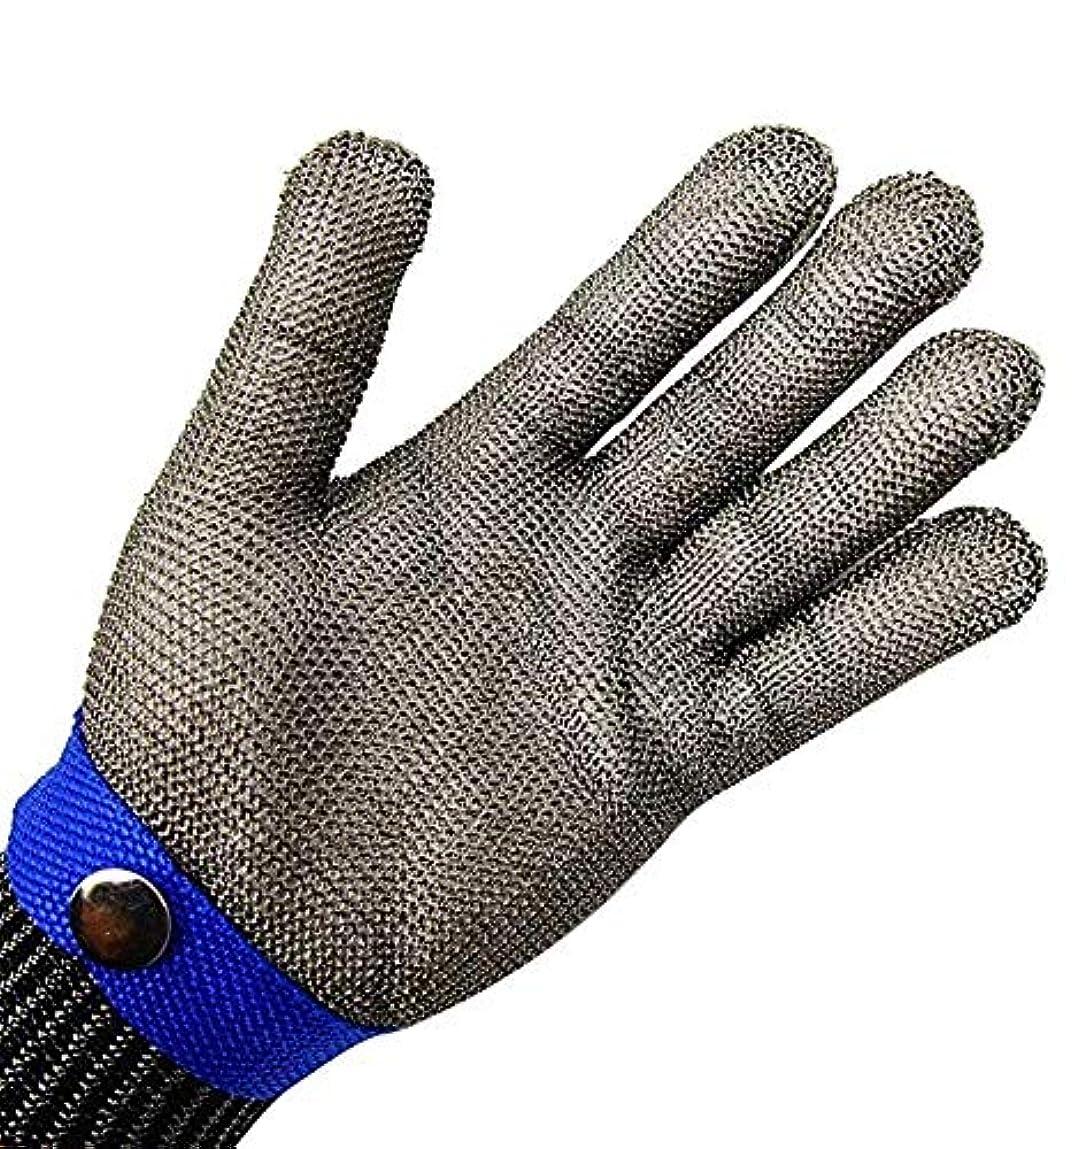 小麦粉血まみれ統計安全カット証明刺し耐性輸入316ステンレススチールメタルメッシュブッチャーグローブパフォーマンスレベル5の保護,S